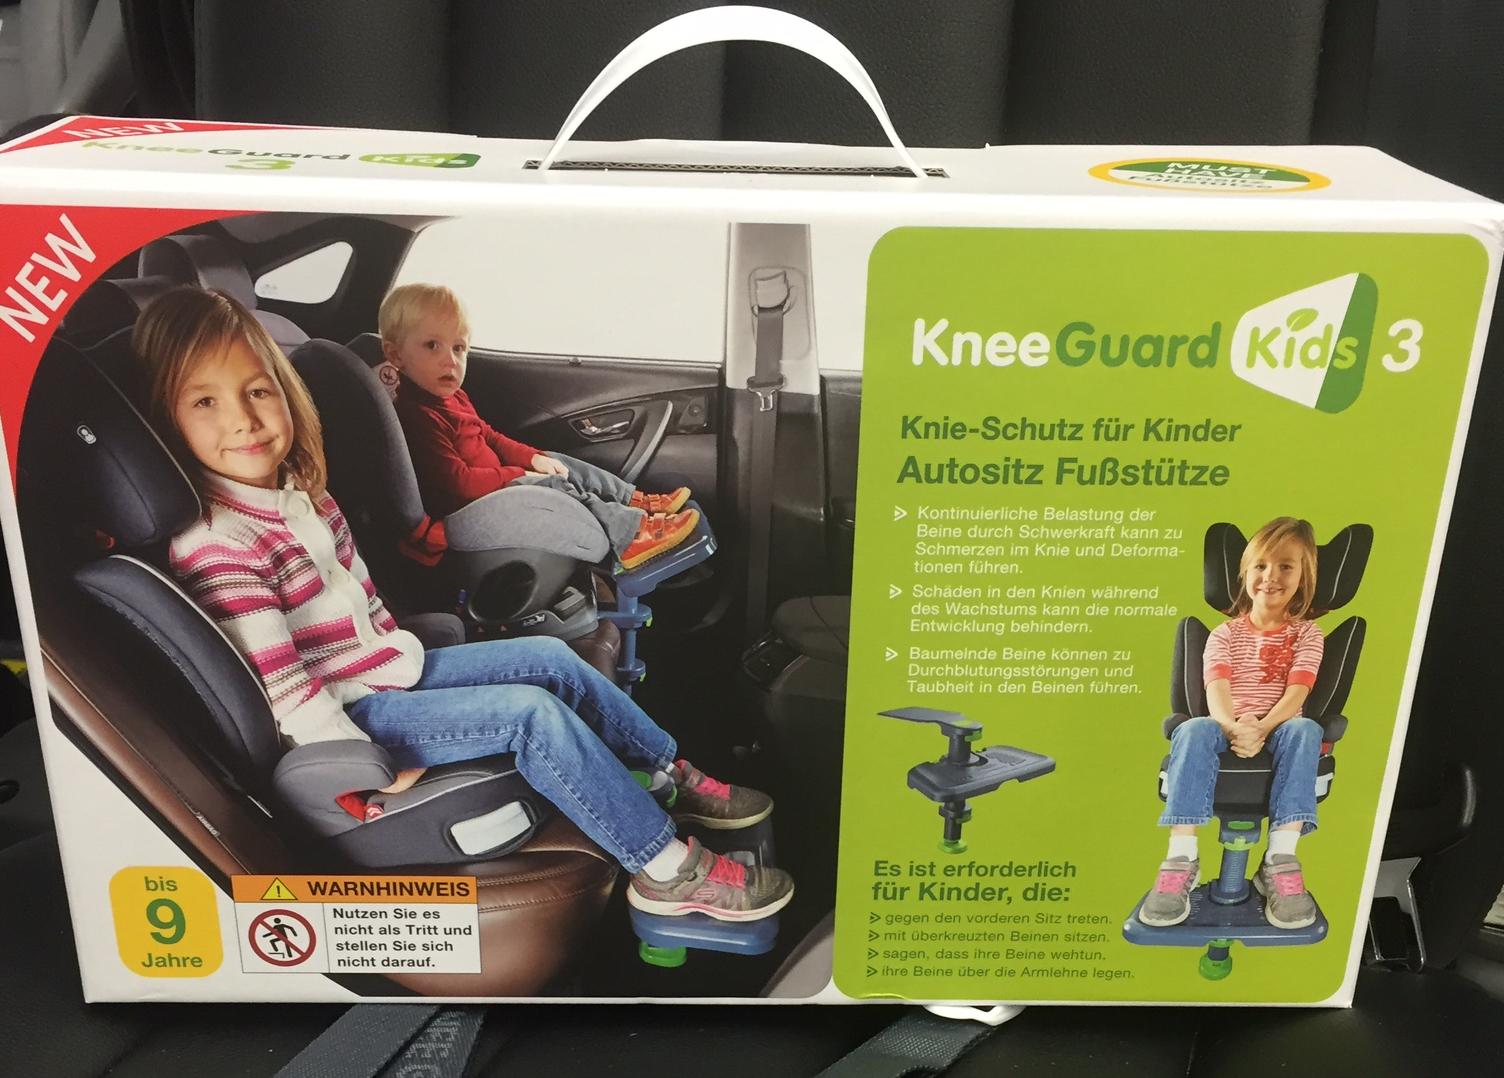 kneeguardkids 3 die bequeme fu st tze f r kinder im. Black Bedroom Furniture Sets. Home Design Ideas